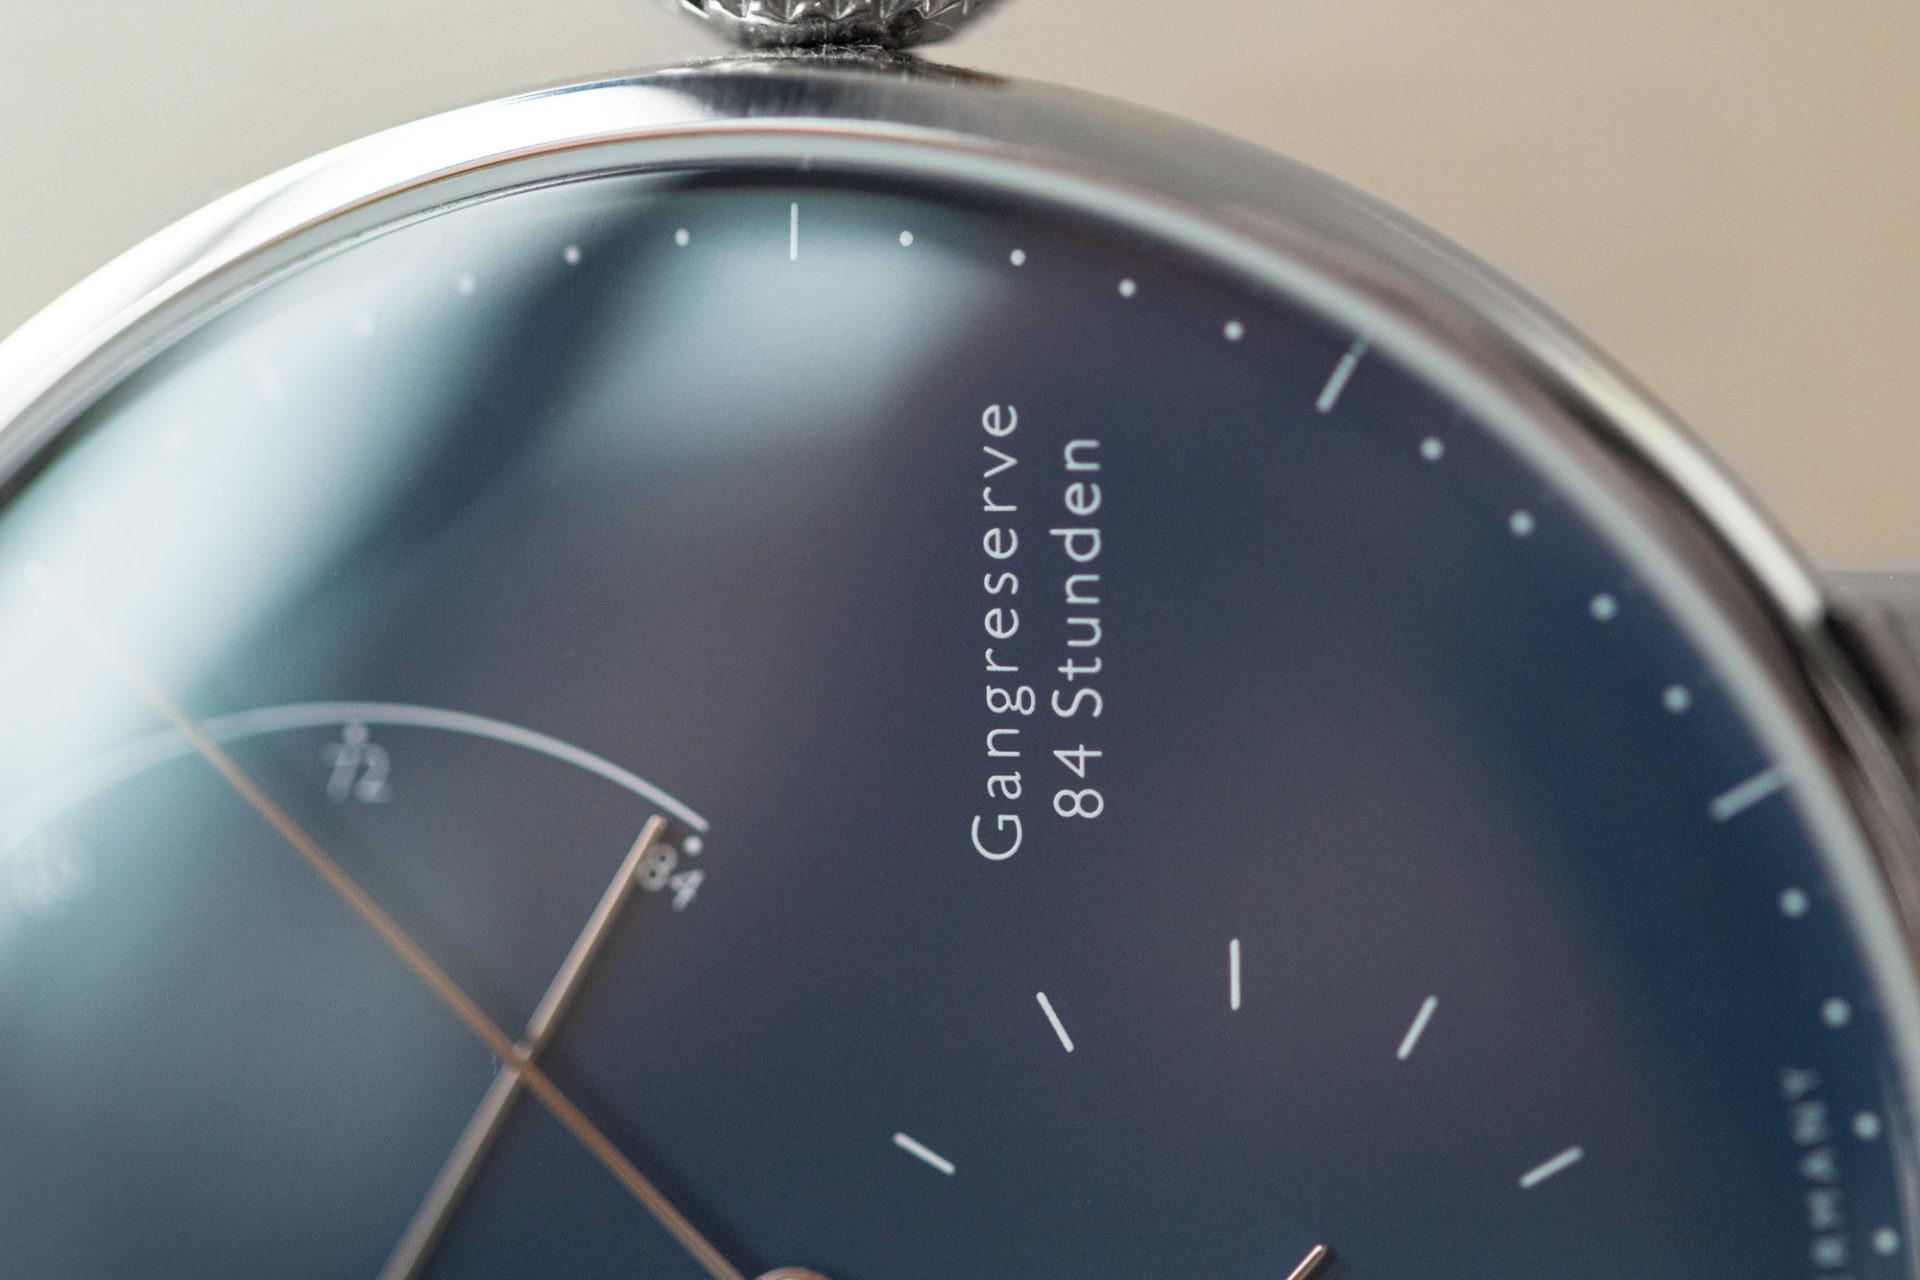 Nomos Glashütte Lambda 175 ans d'horlogerie à Glashütte - Calibre DUW 1001